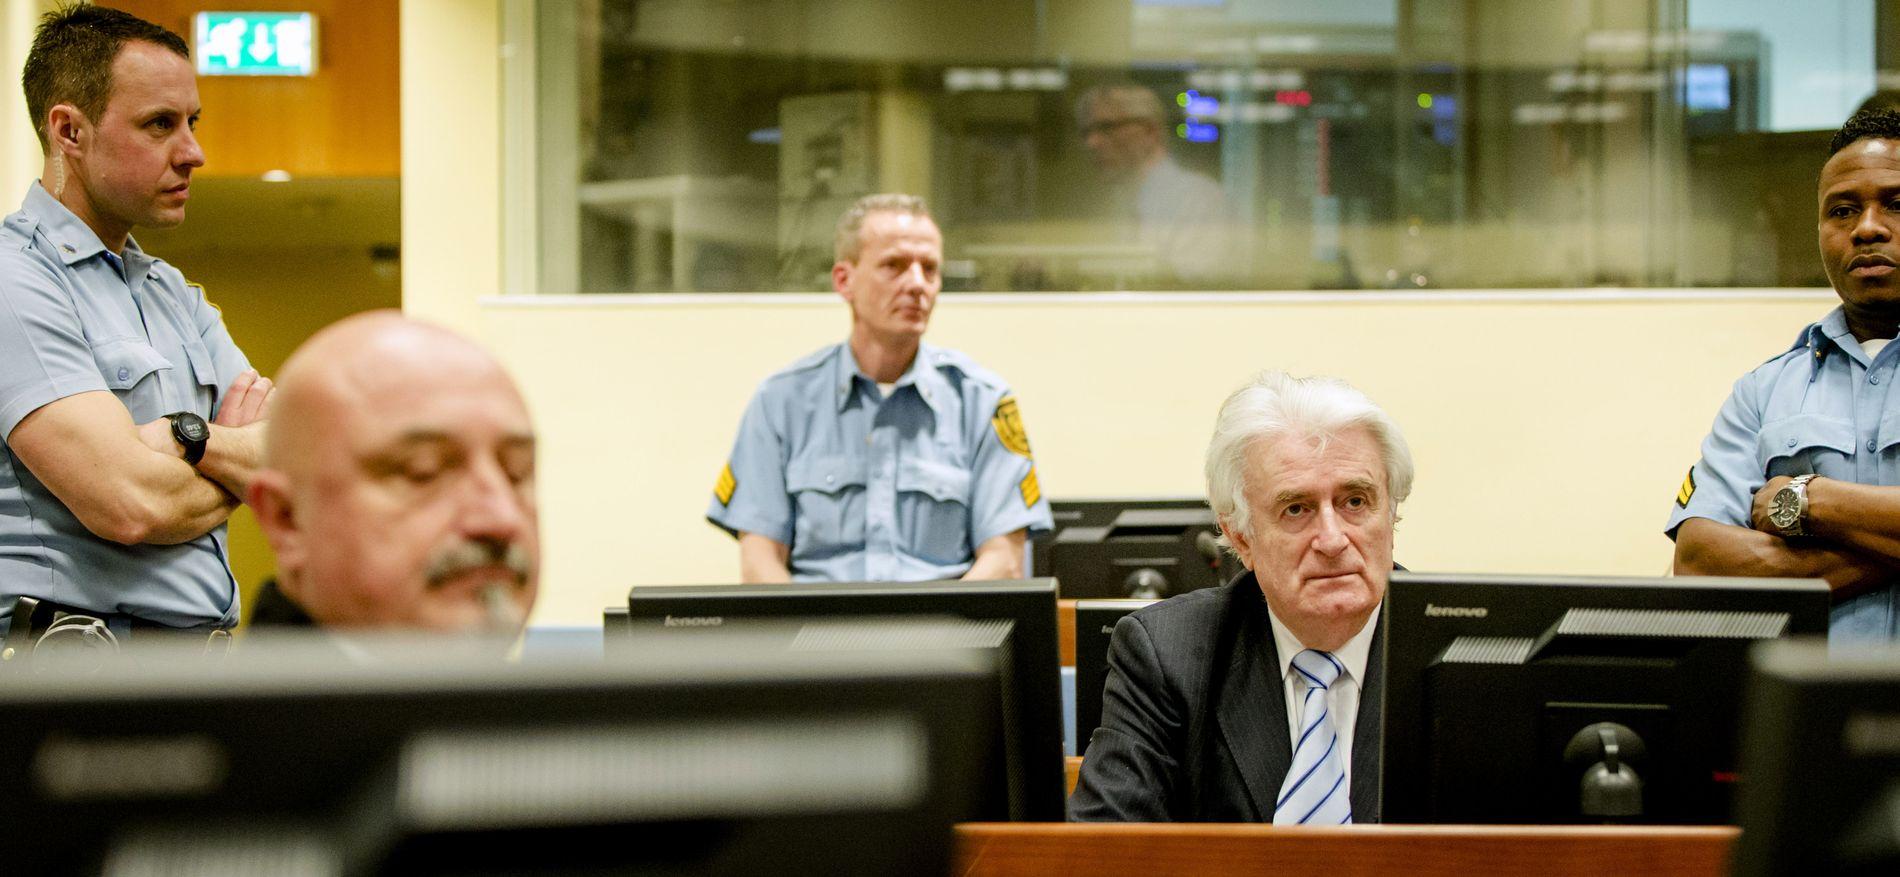 Петронијевић: Уколико буде било каквог правног и правичног одлучивања ми смо потпуни оптимисти